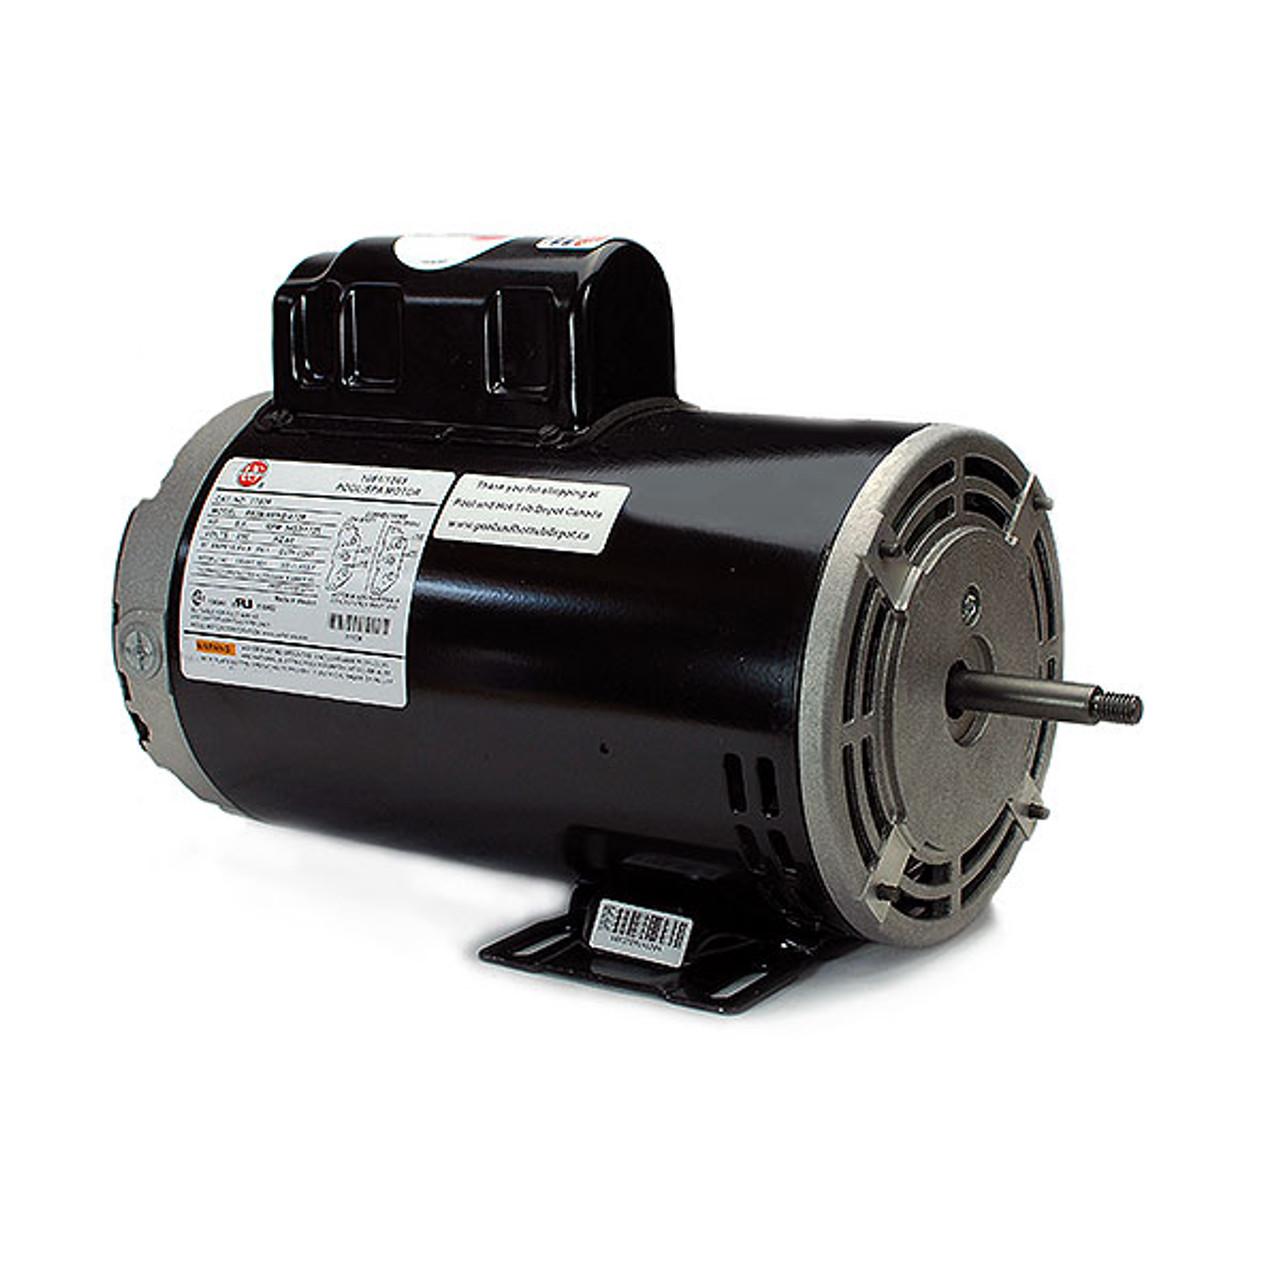 2 hp 56Y Frame 230V 2-sd hot tub pump motor Xp Hot Tub Motor Wiring Diagram on